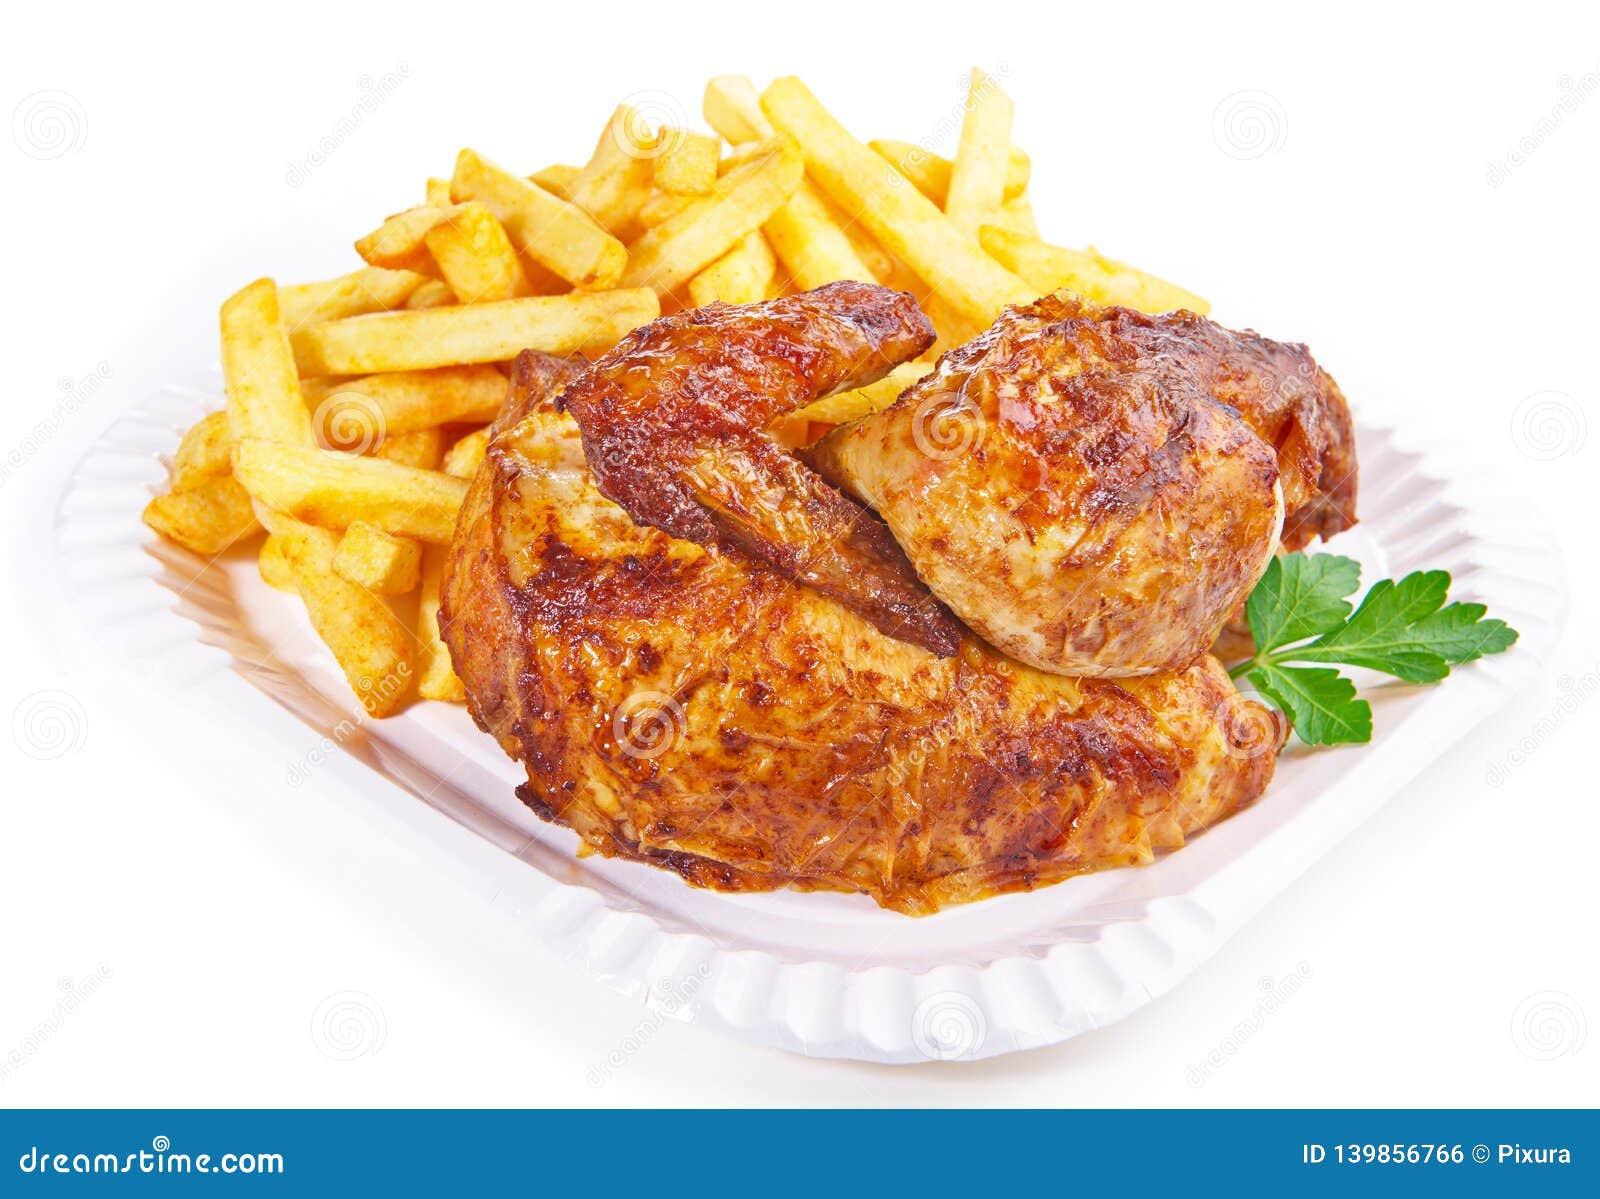 Grilled Chicken wirh French Fries